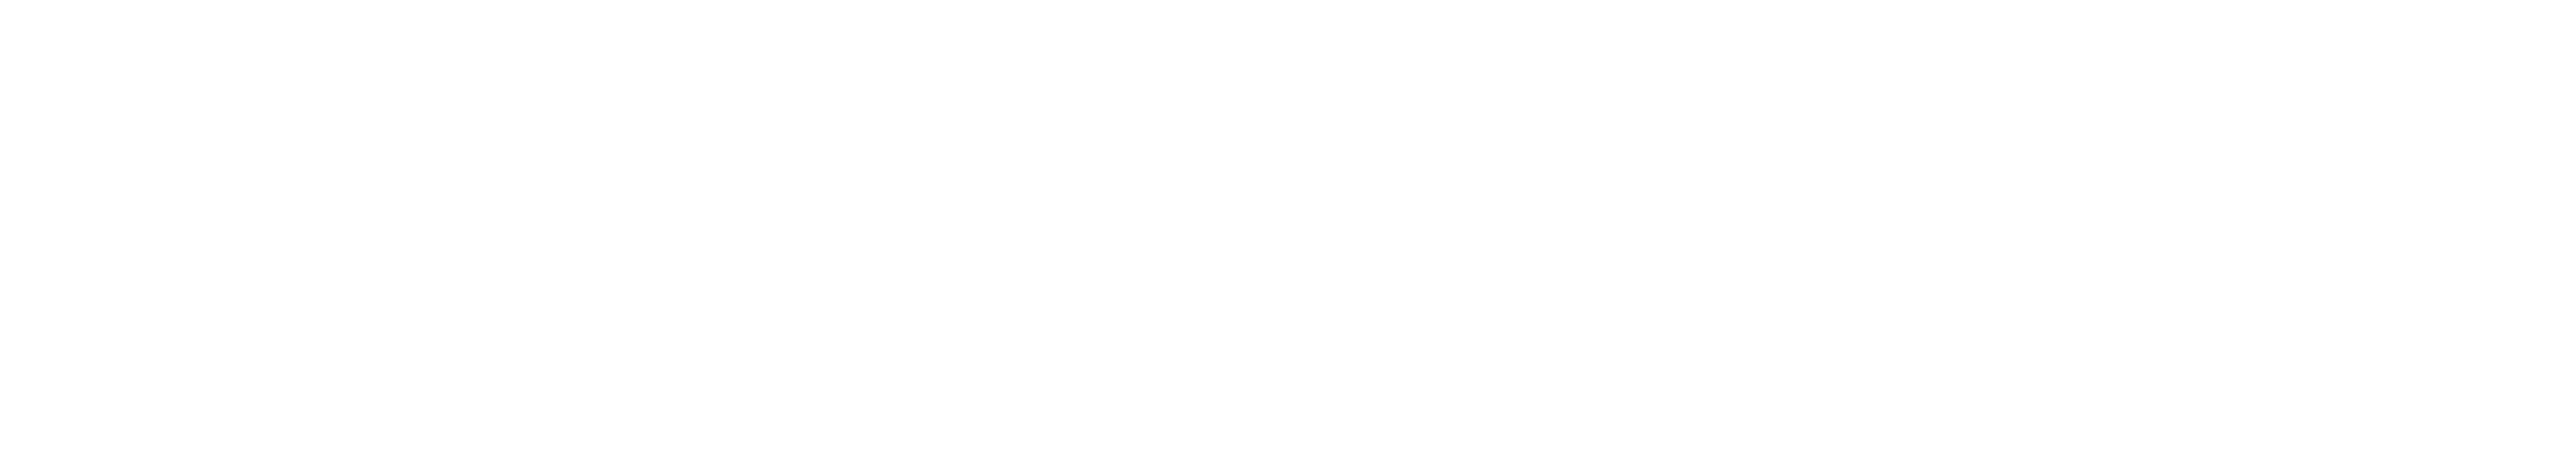 dwmb-logo-footer